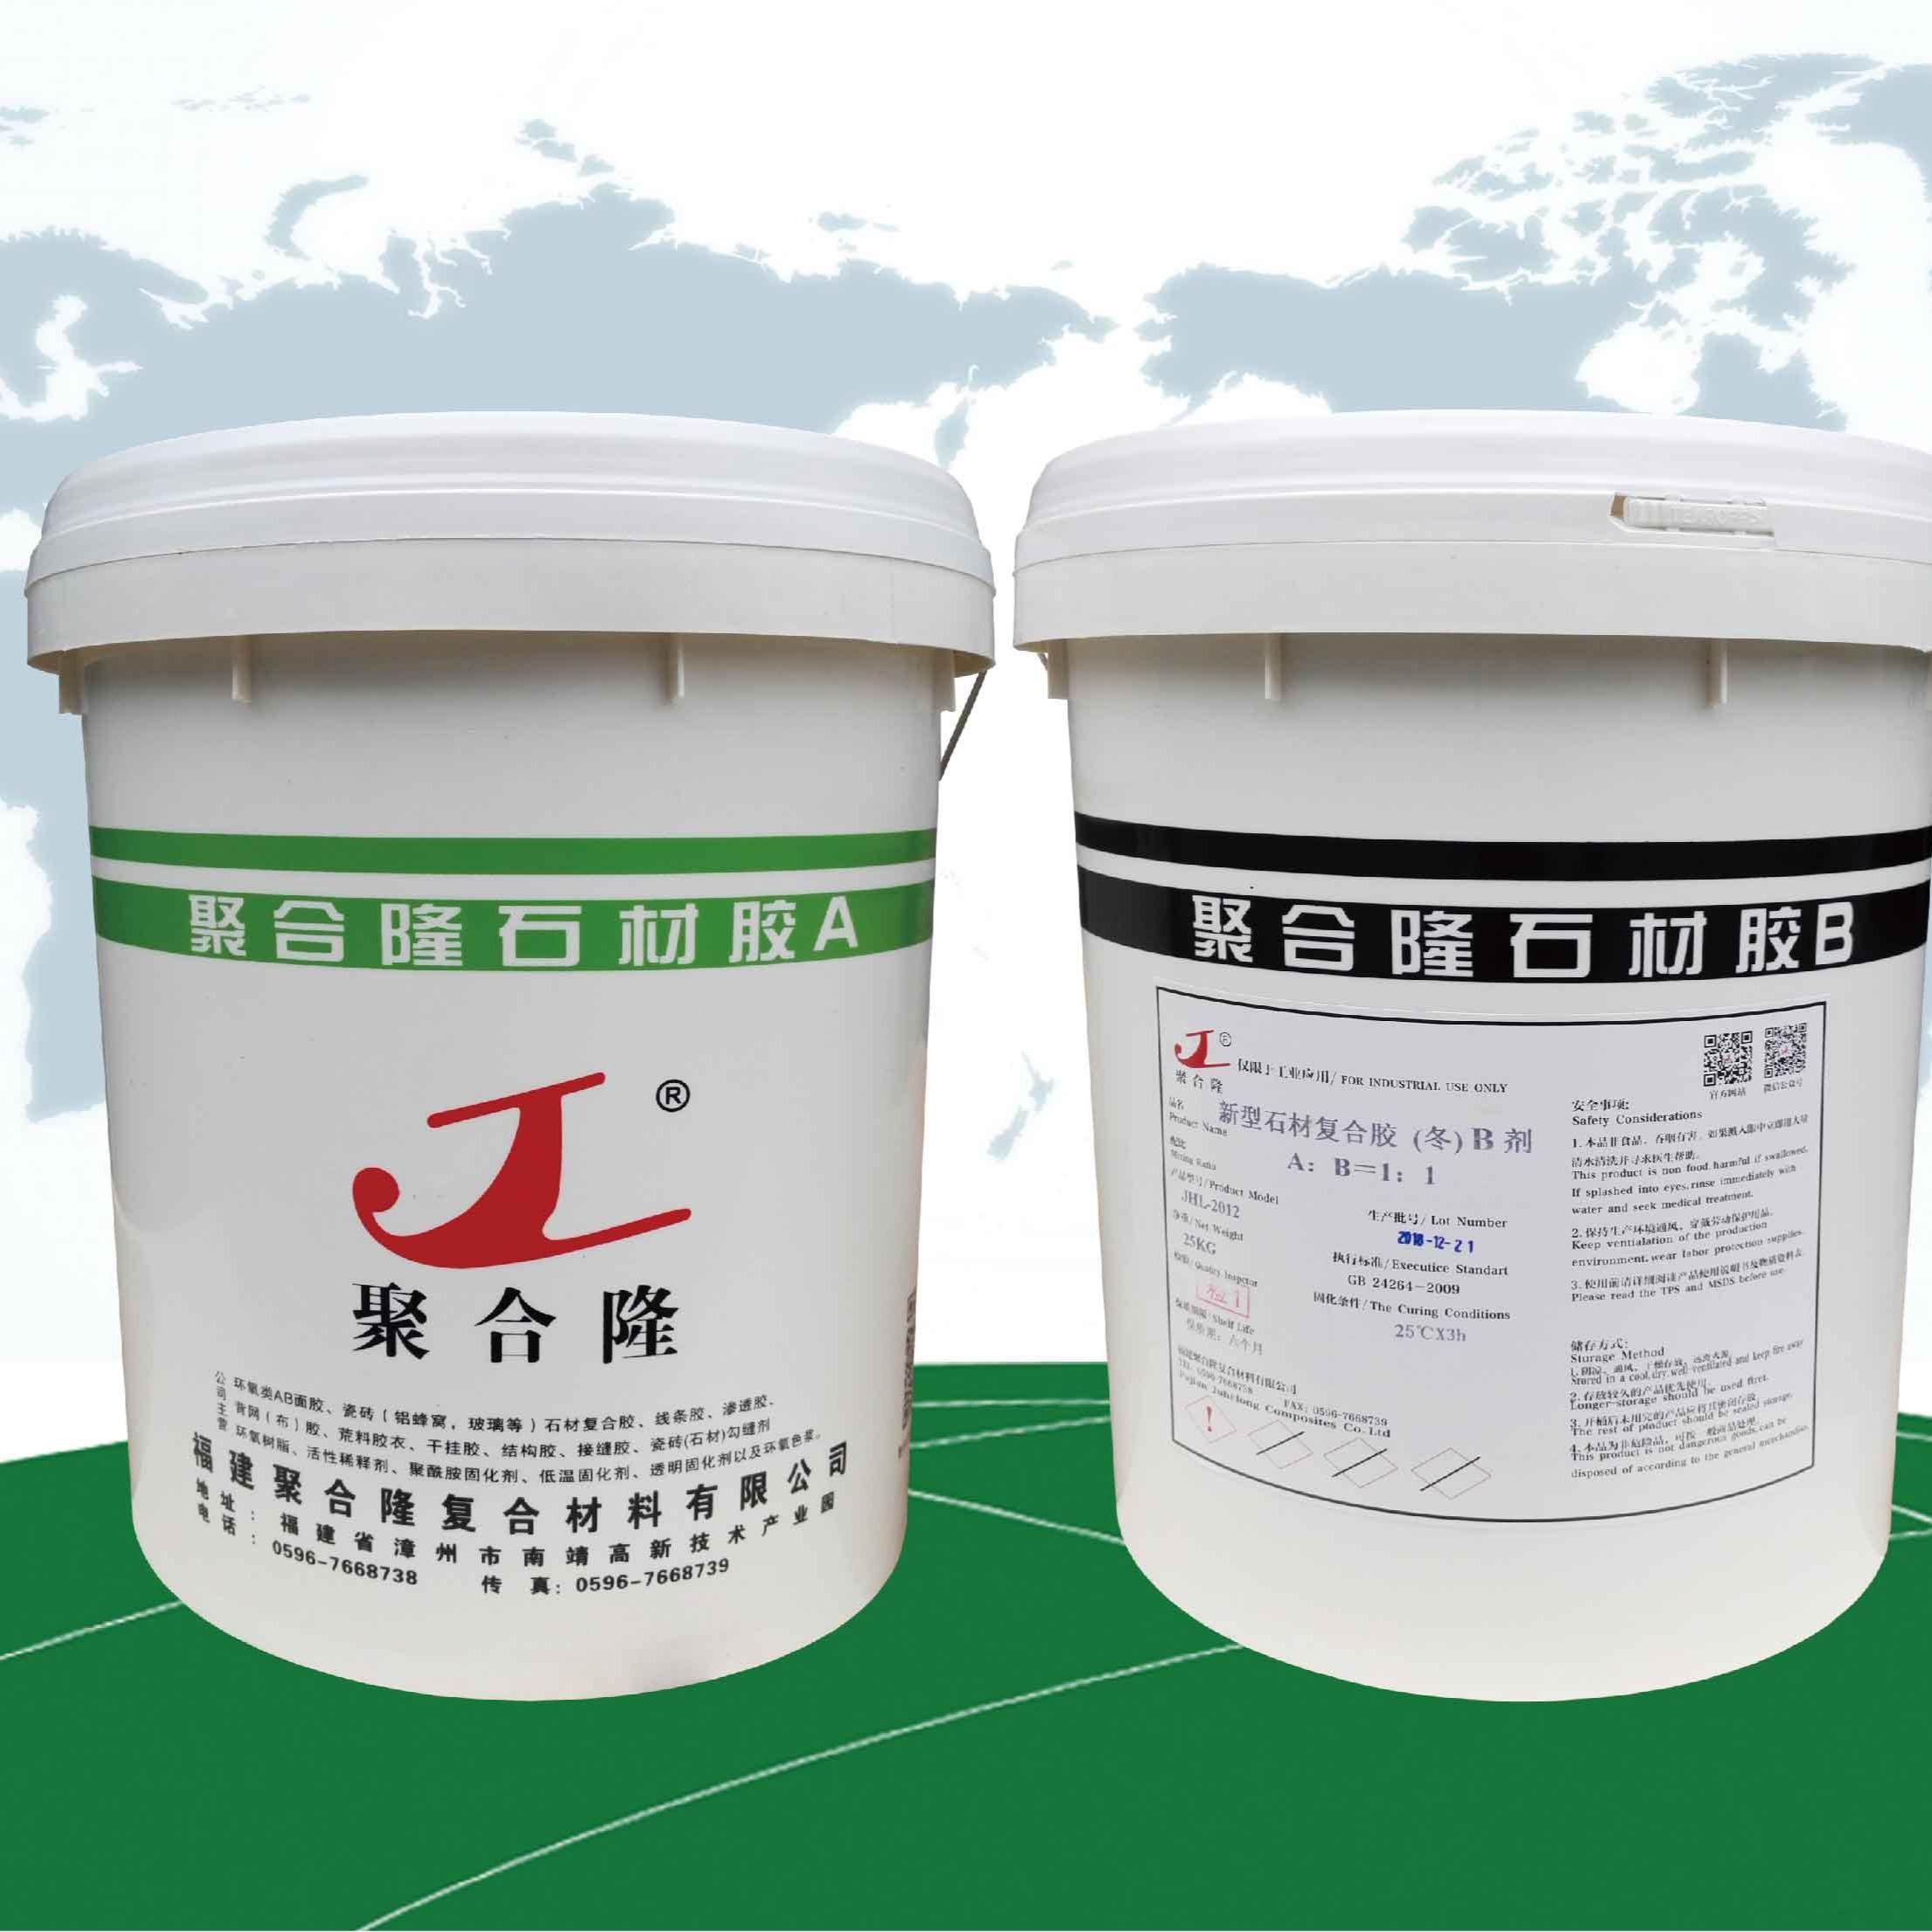 供应聚合隆大理石胶粘剂 粘接牢固易操作的环氧树脂型AB胶